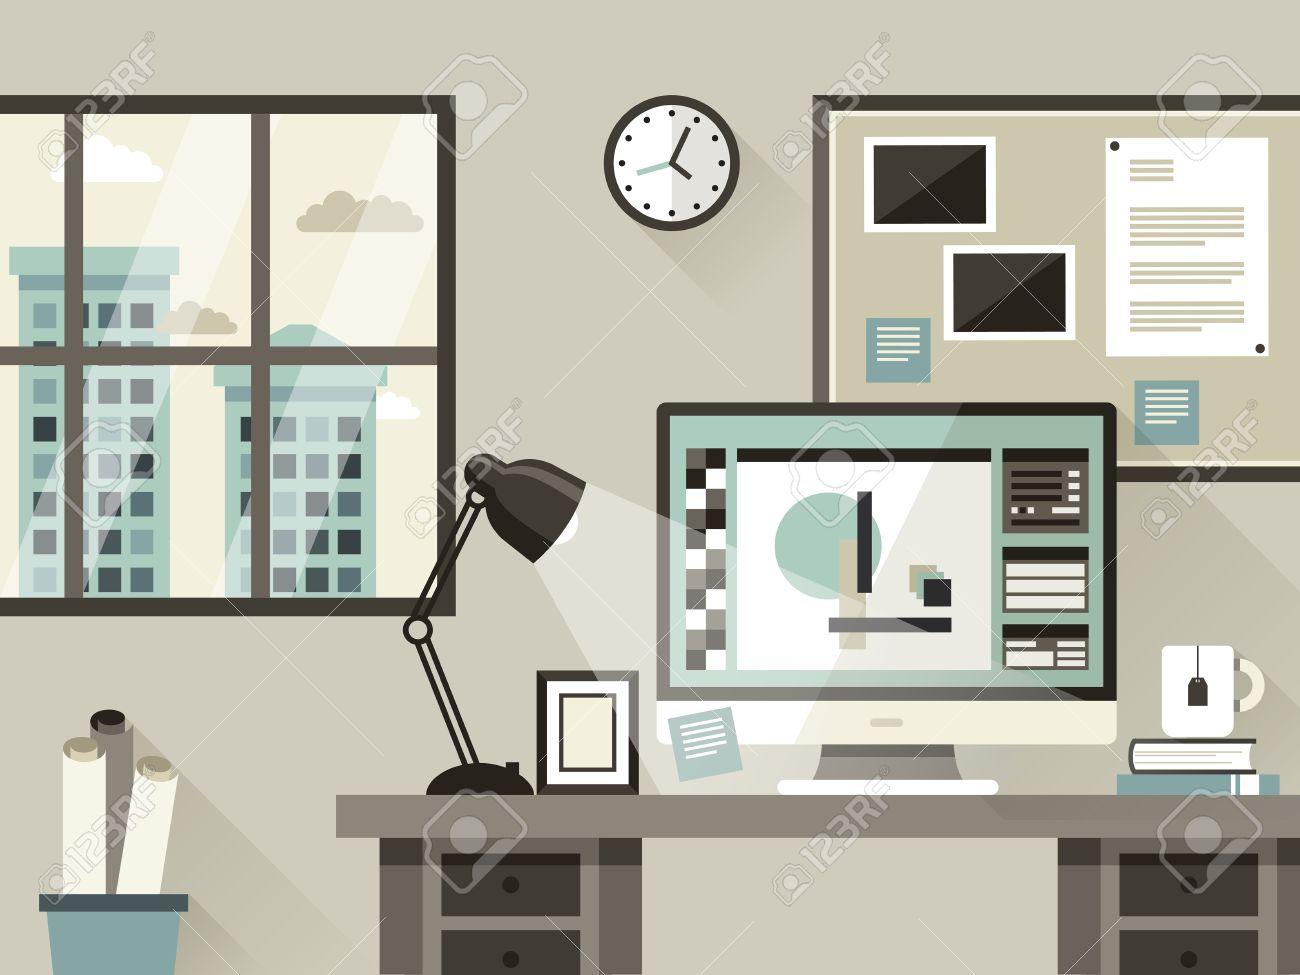 Moderne Büro Interior Darstellung In Flachen Design-Stil Lizenzfrei ...